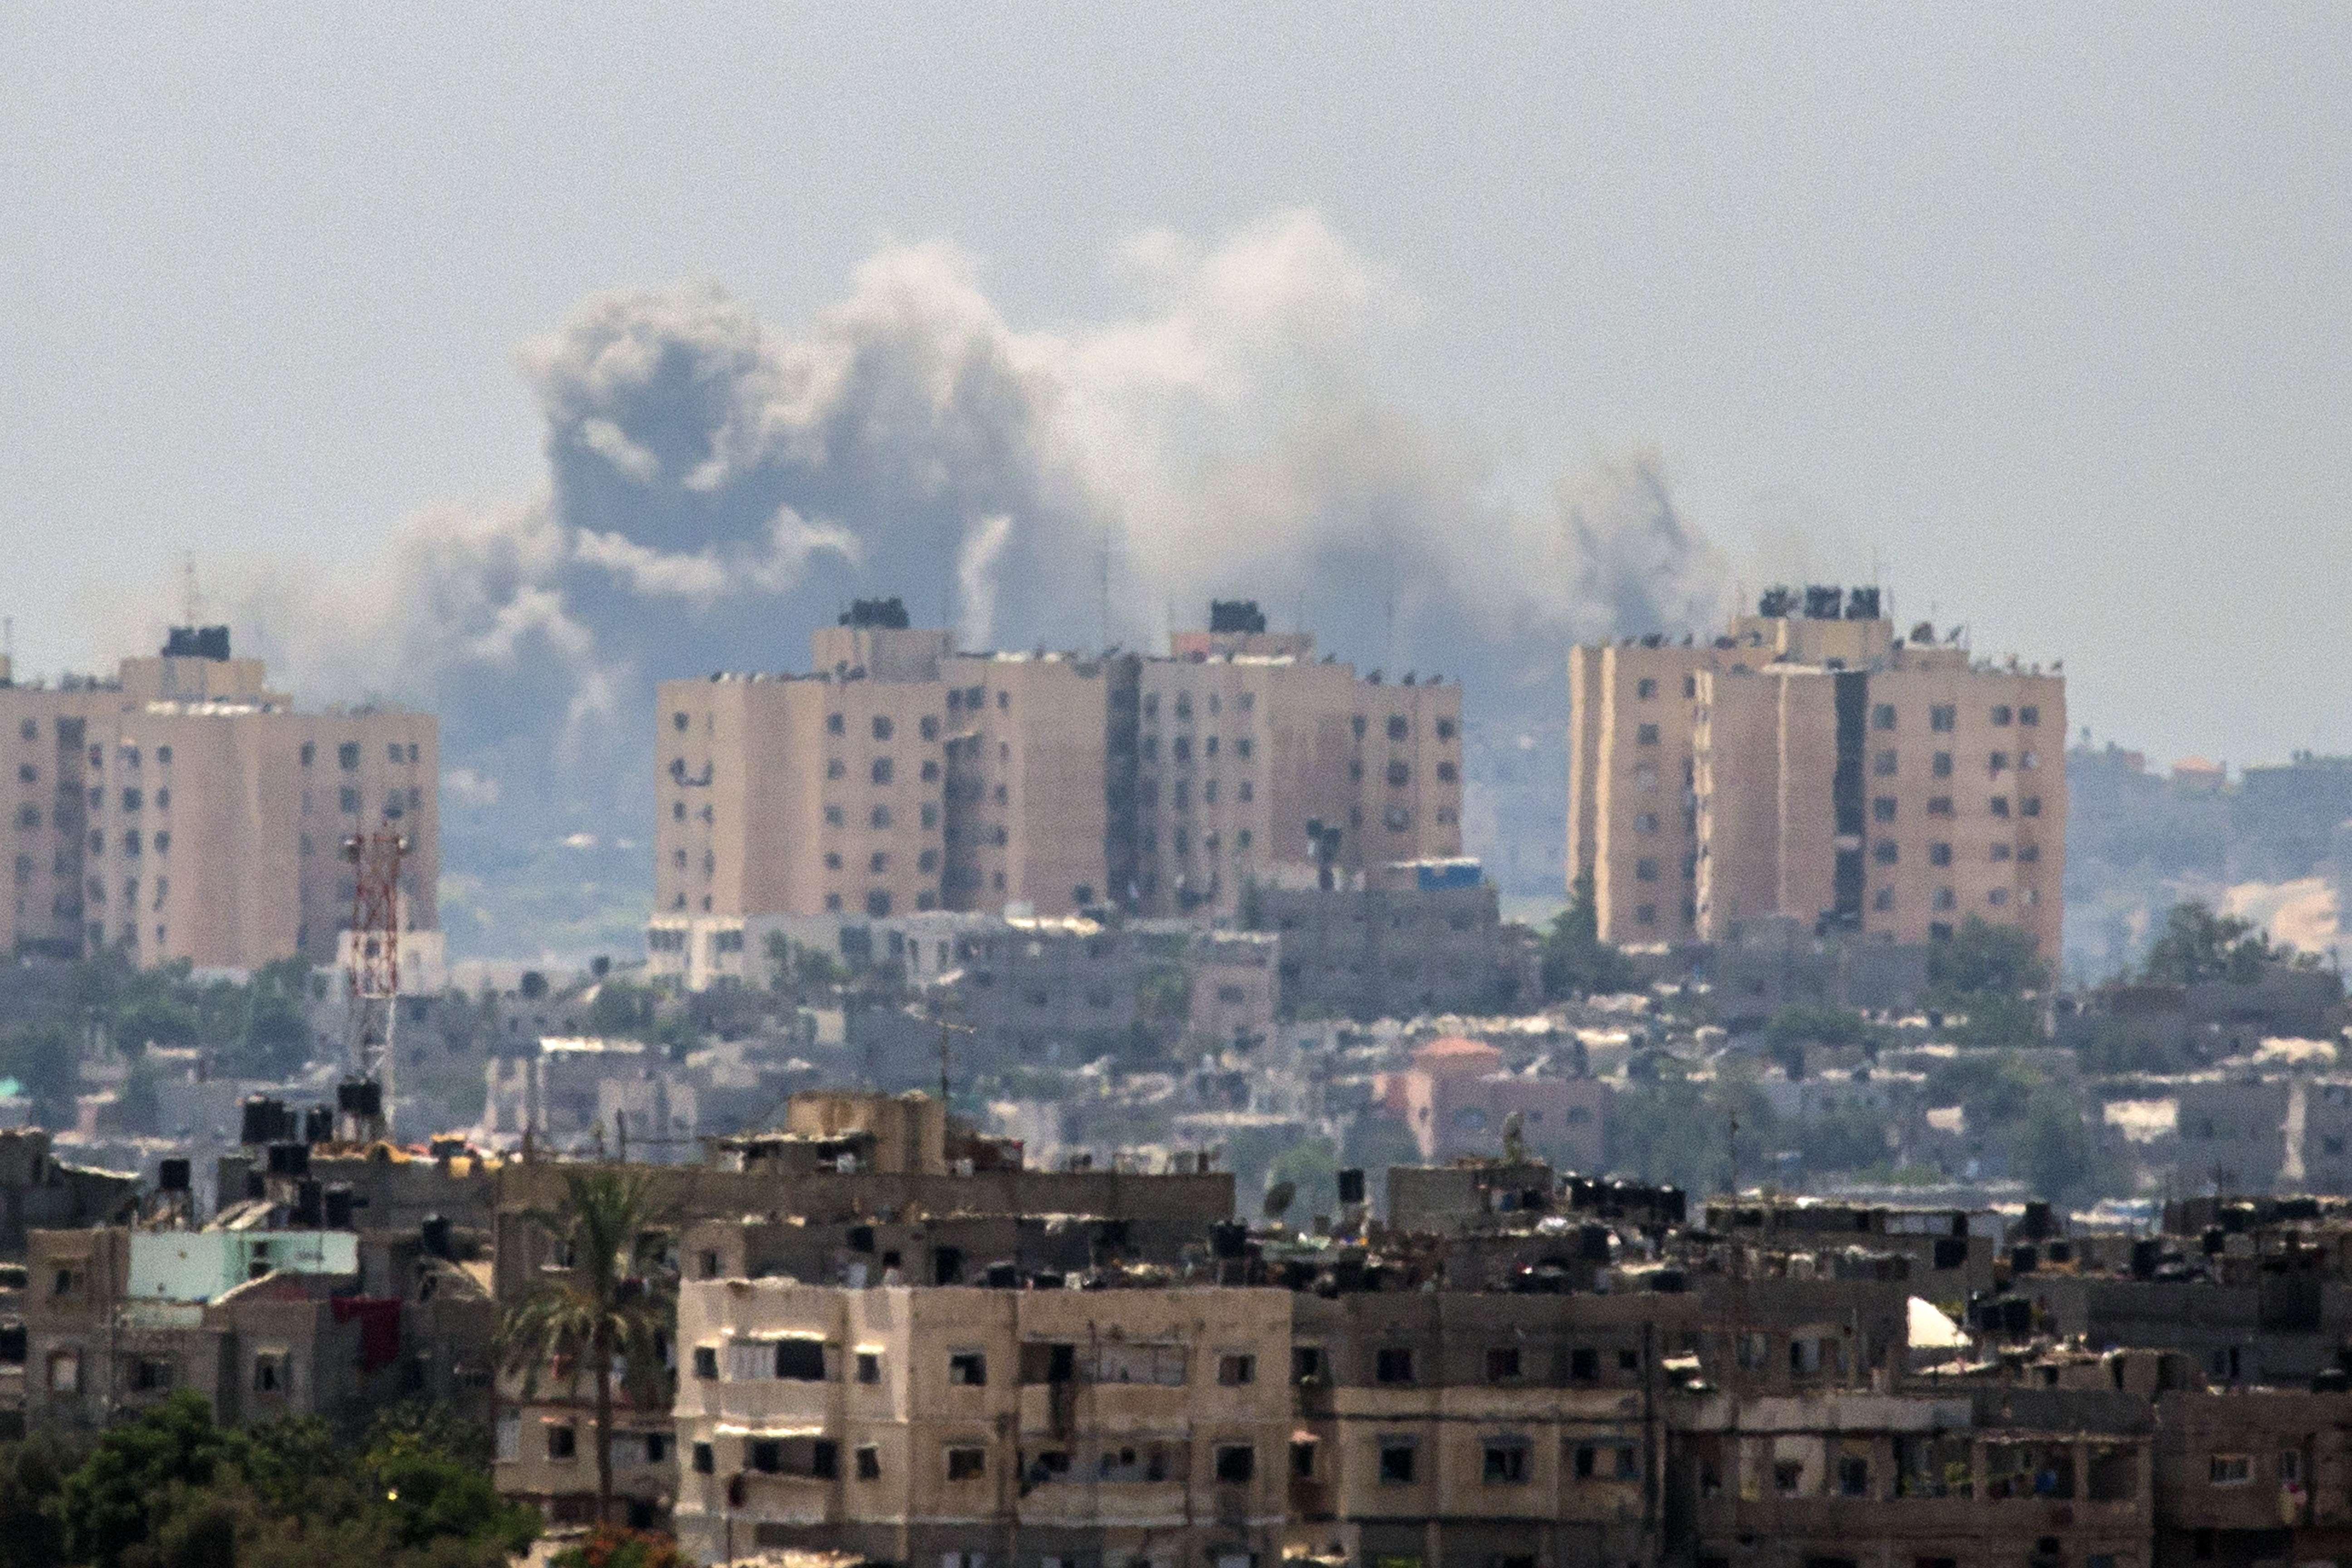 Celula de criza la nivelul MAE, pentru romanii din Fasia Gaza. Netanyahu respinge un armistitiu cu Hamas